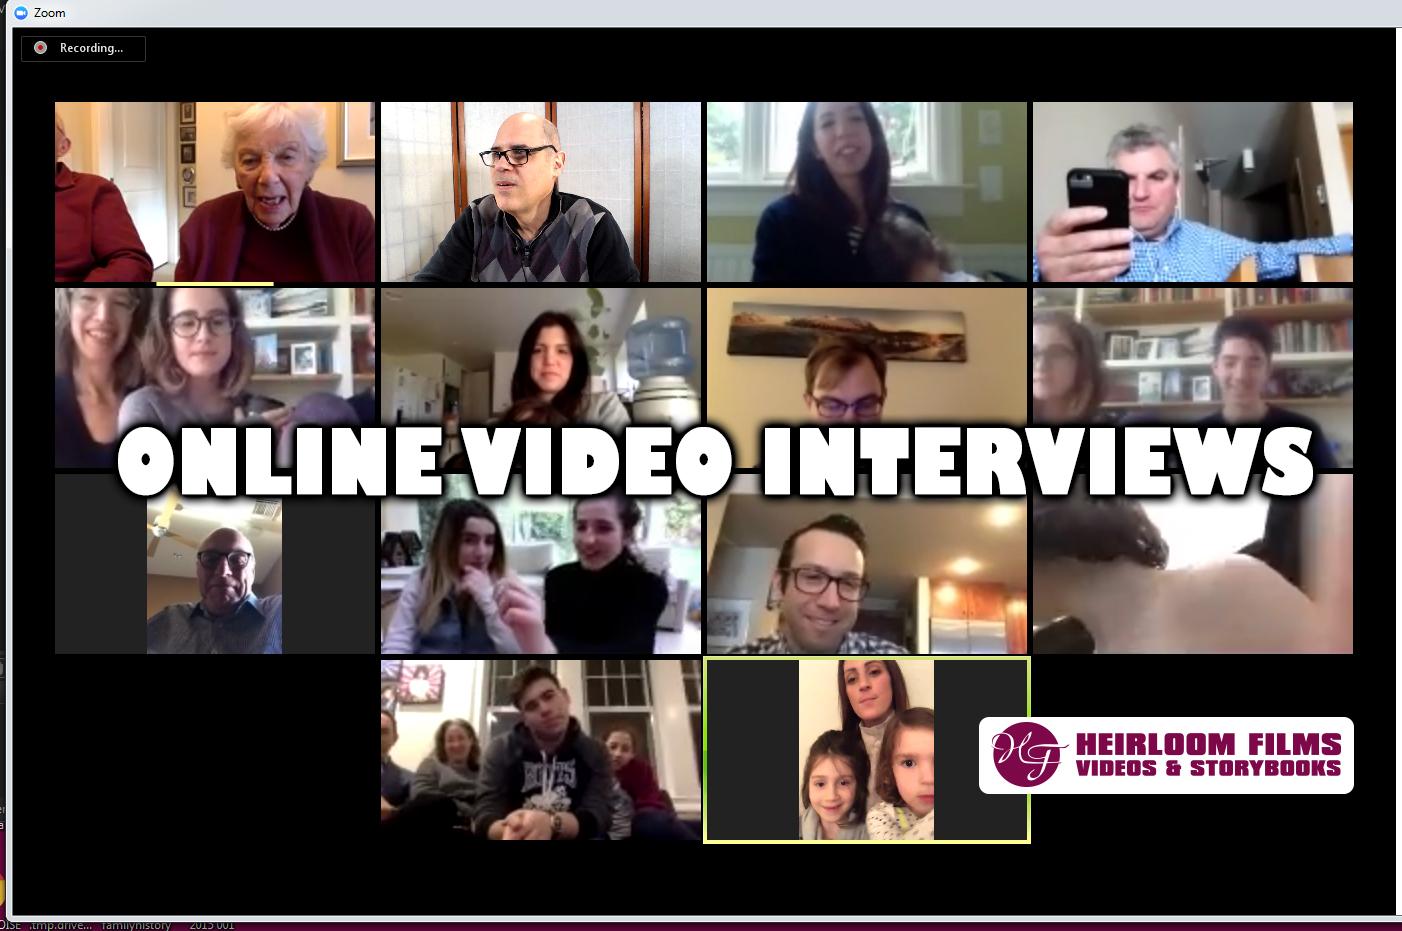 Online Video Interviews